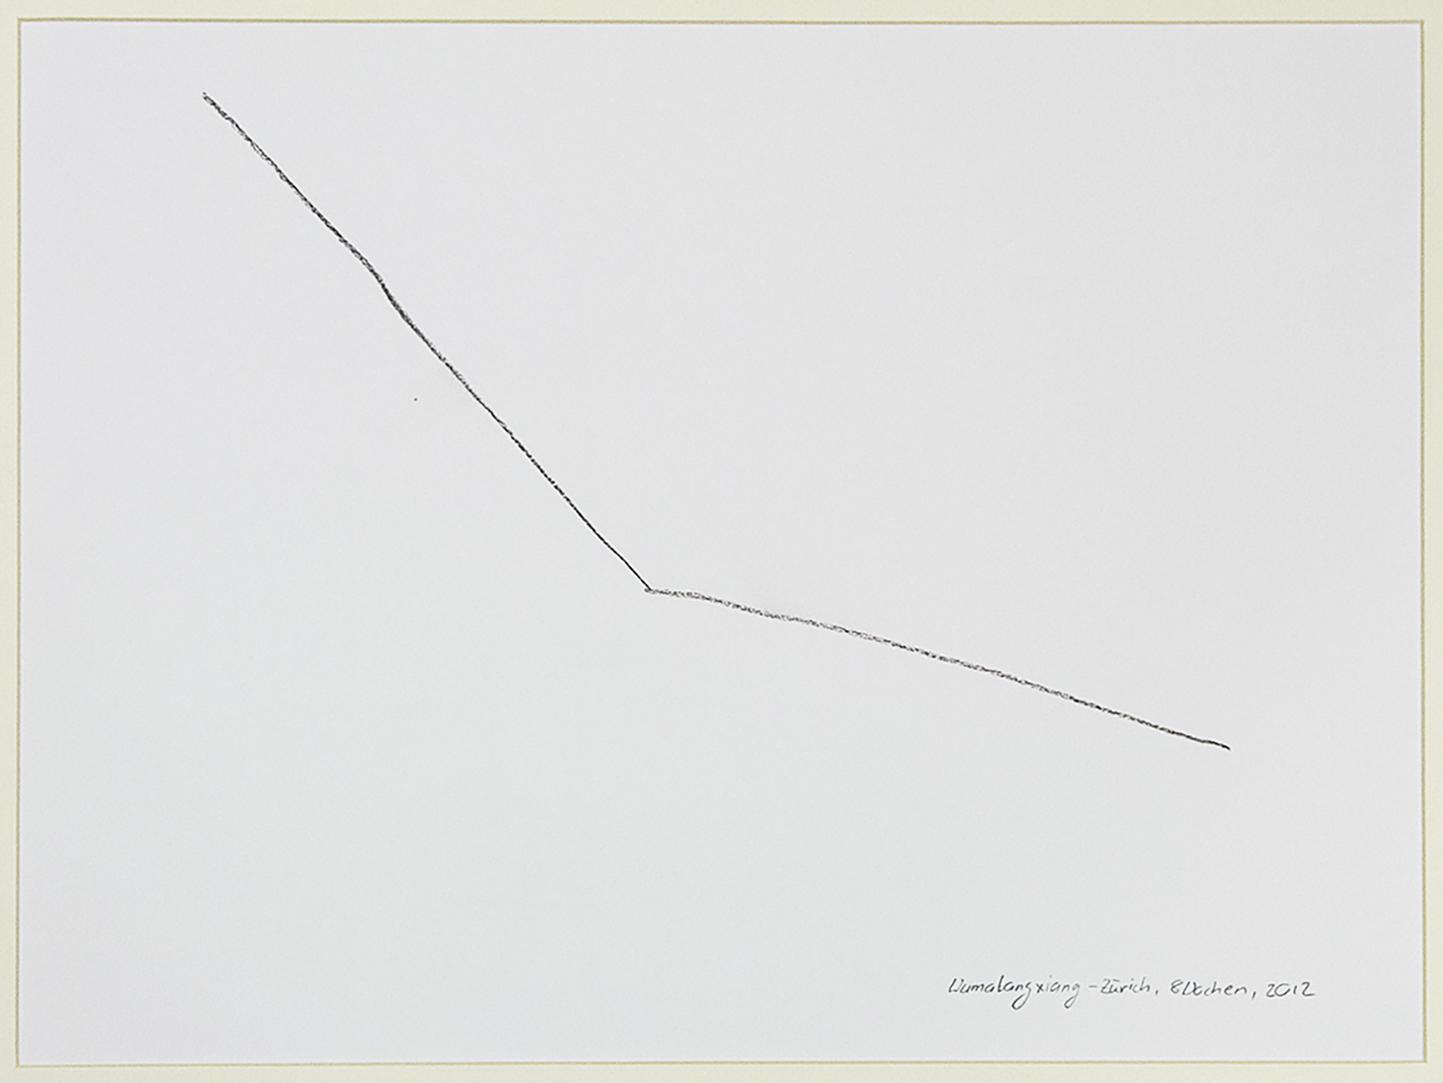 Graphische Sammlung ETH zürich-Desire-Lines_Tibet - Zurich